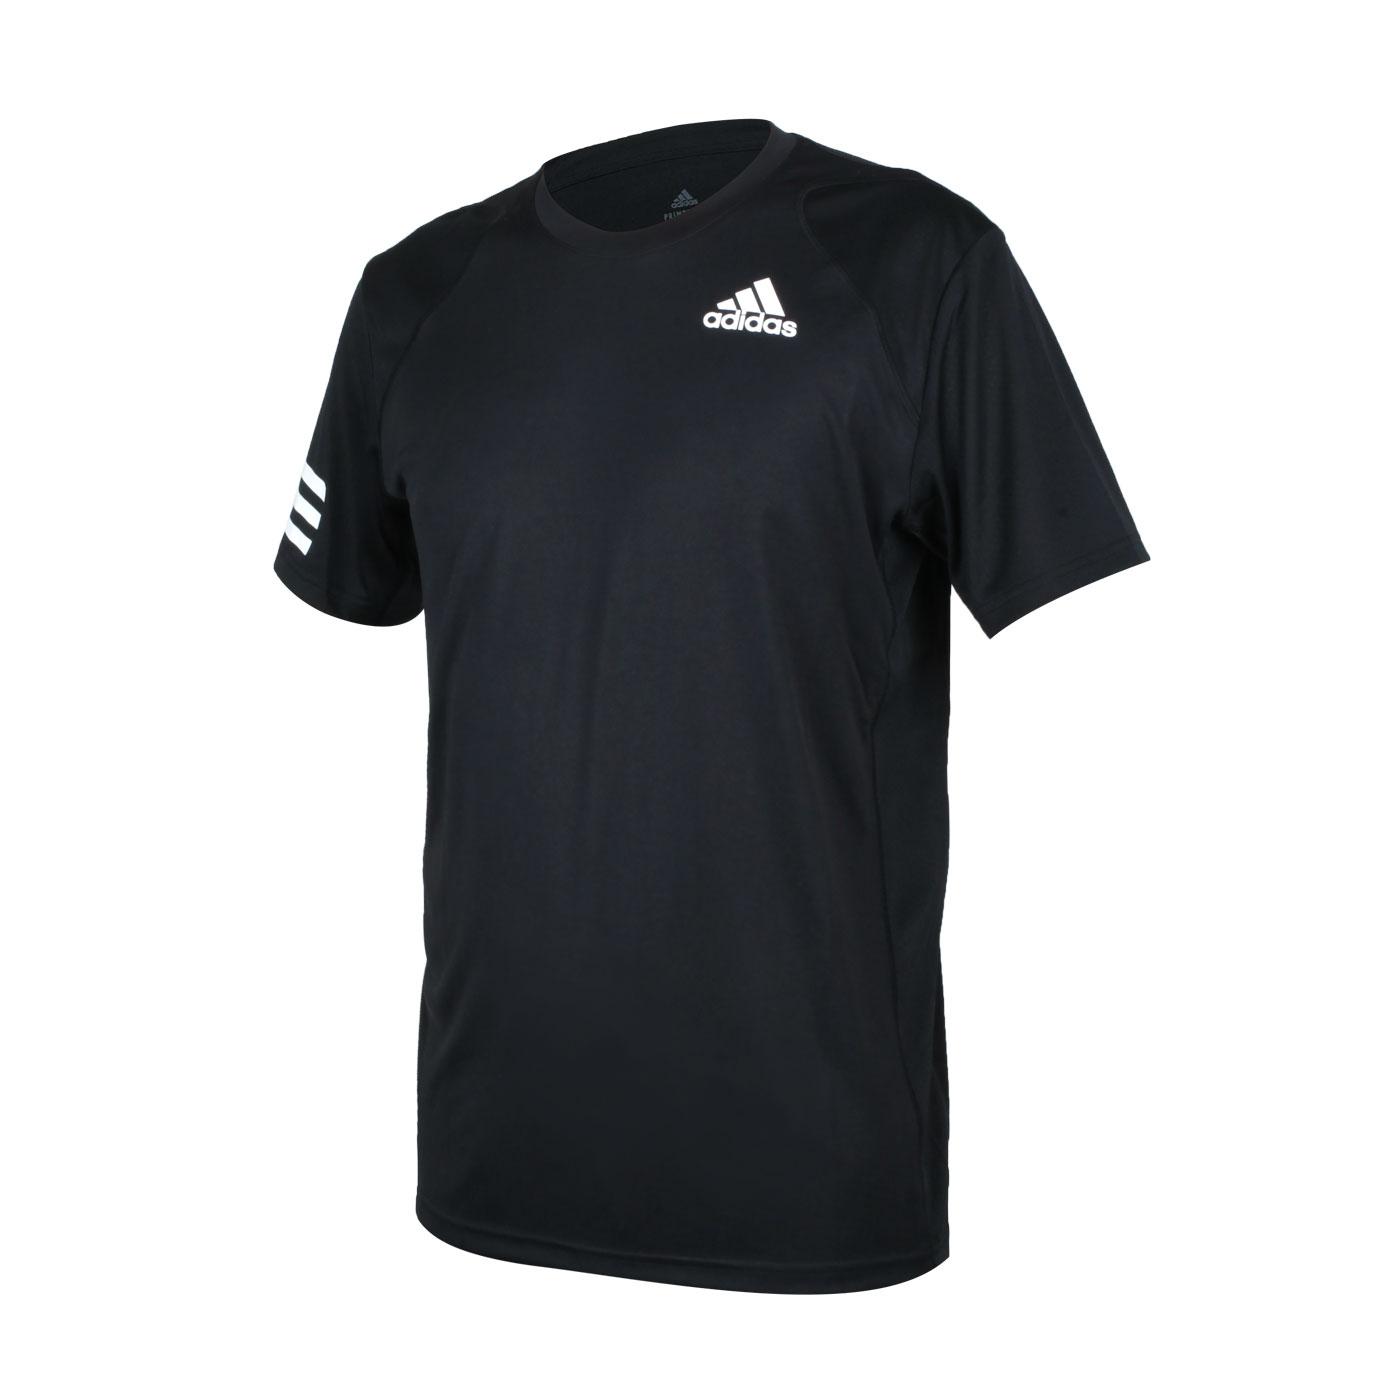 ADIDAS 男款短袖T恤 GL5403 - 黑白